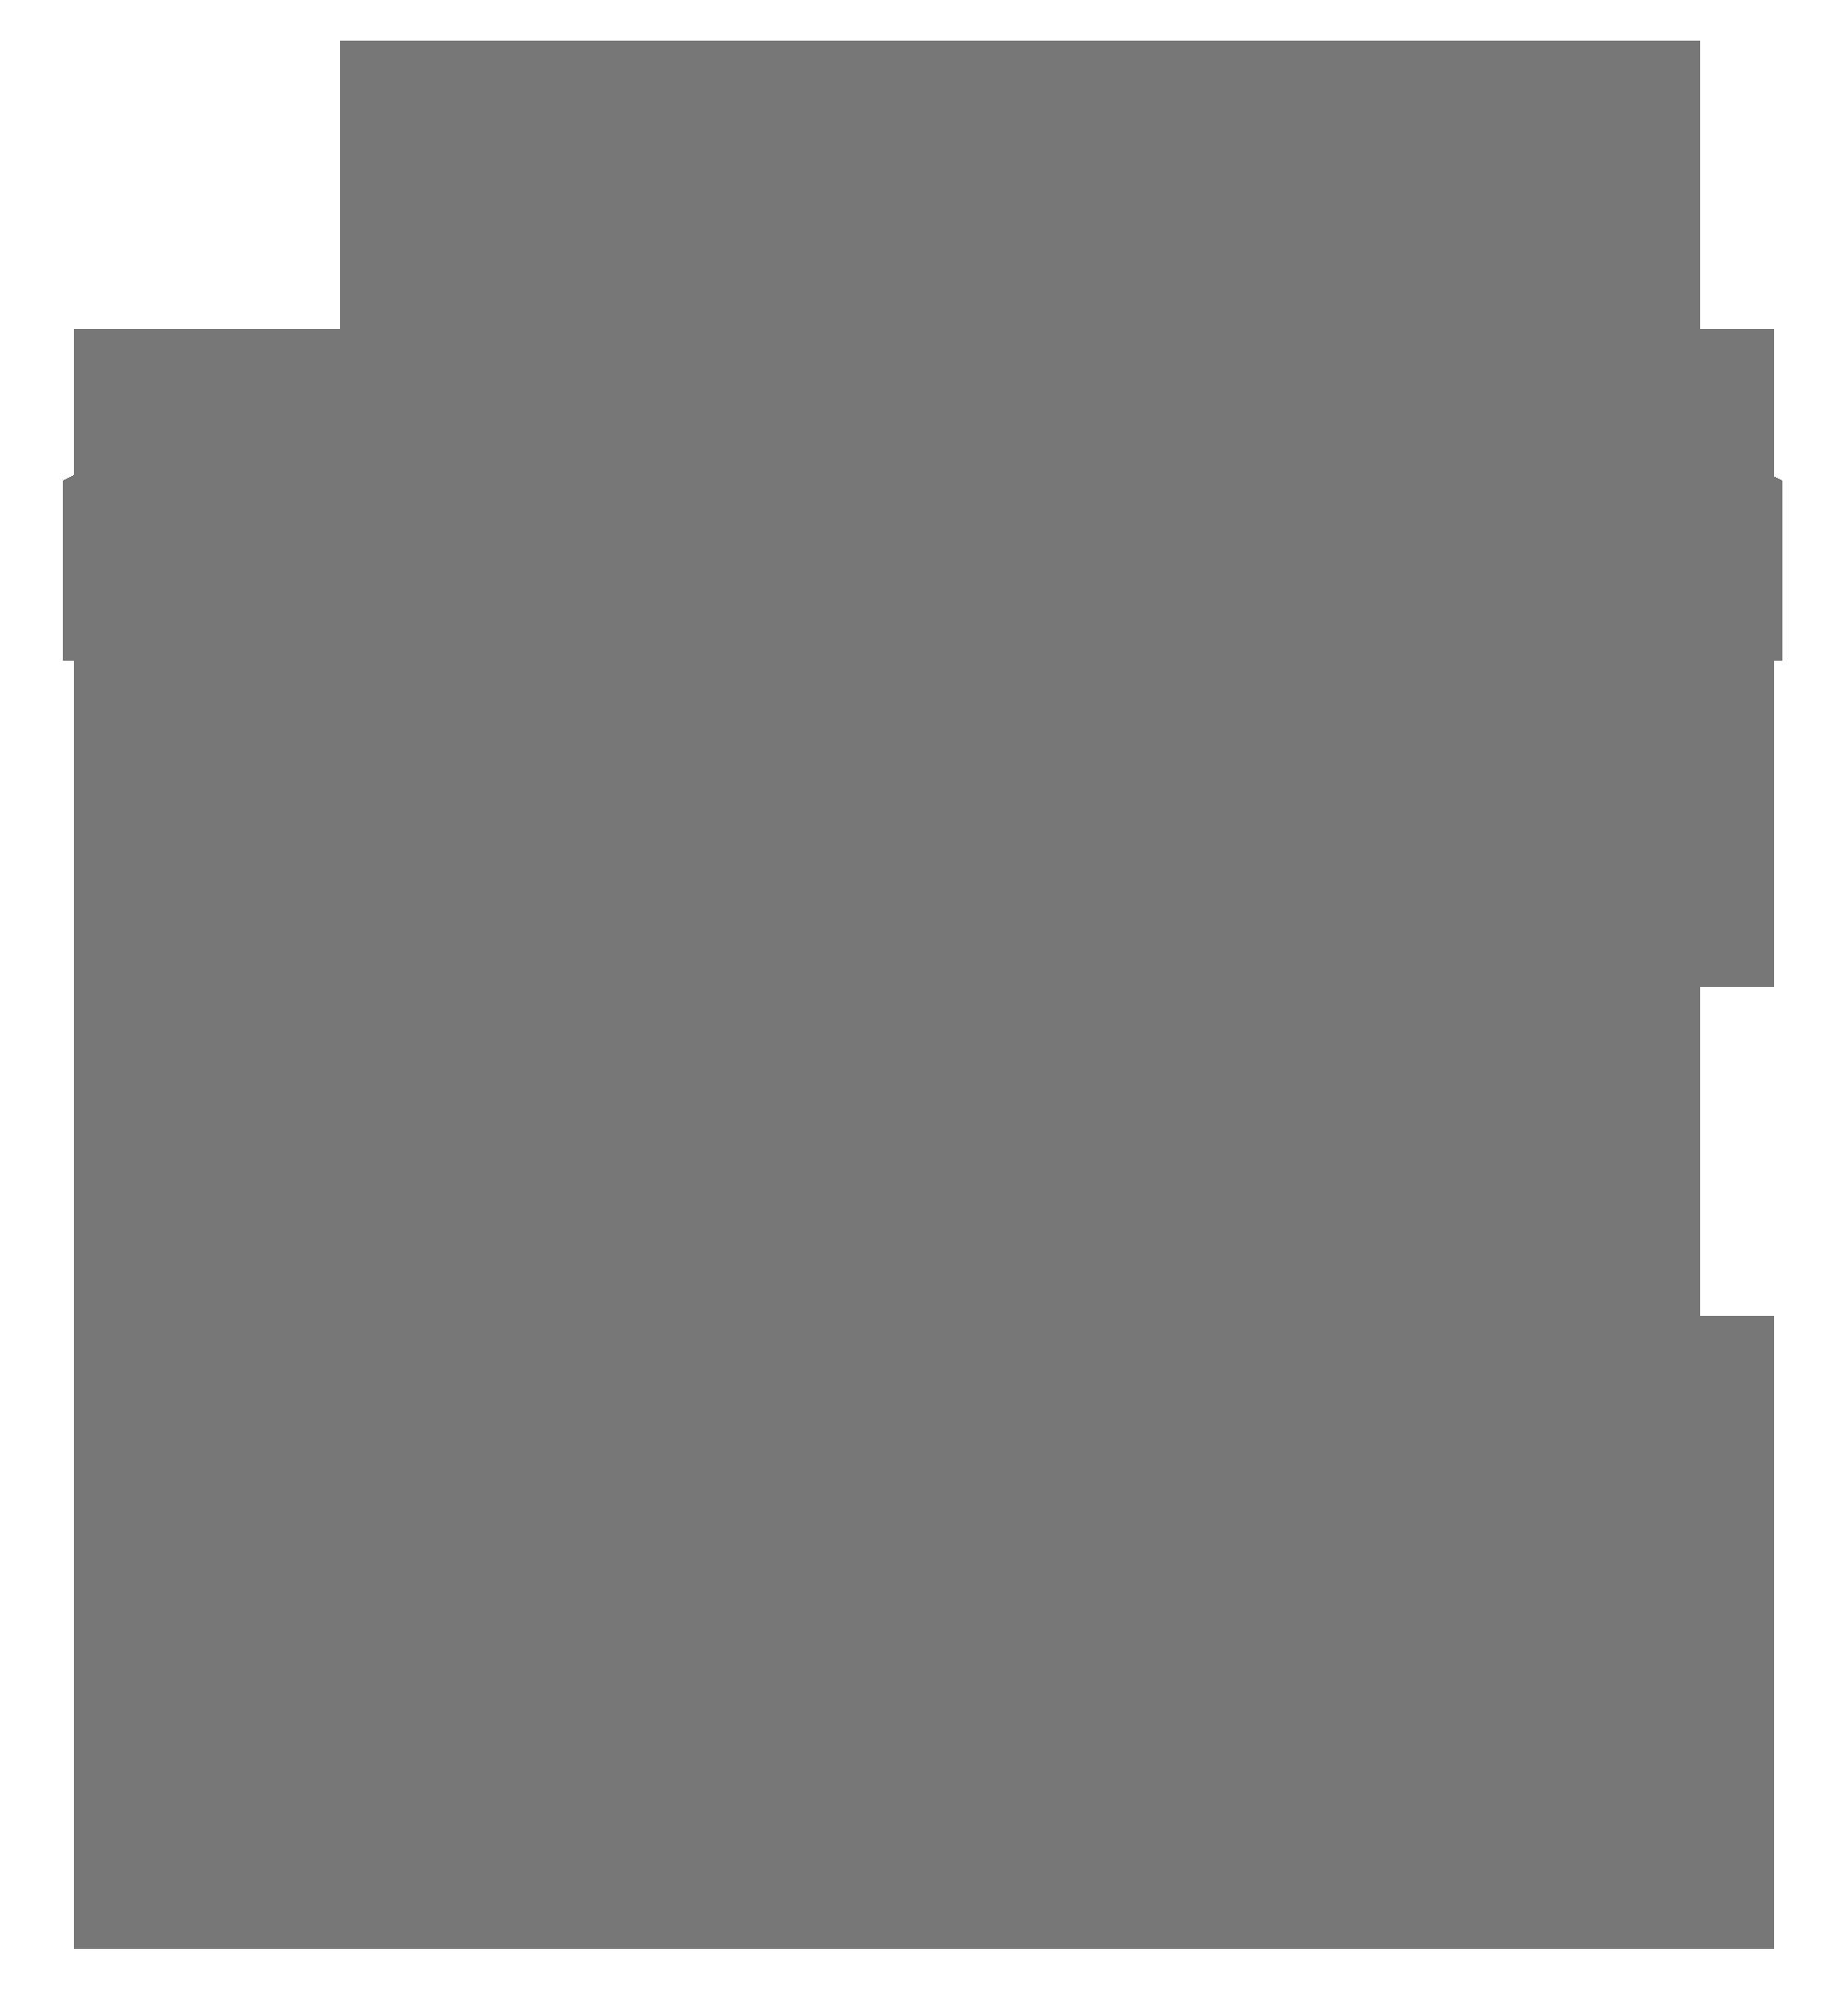 equal-housing-lender-logo-overlay